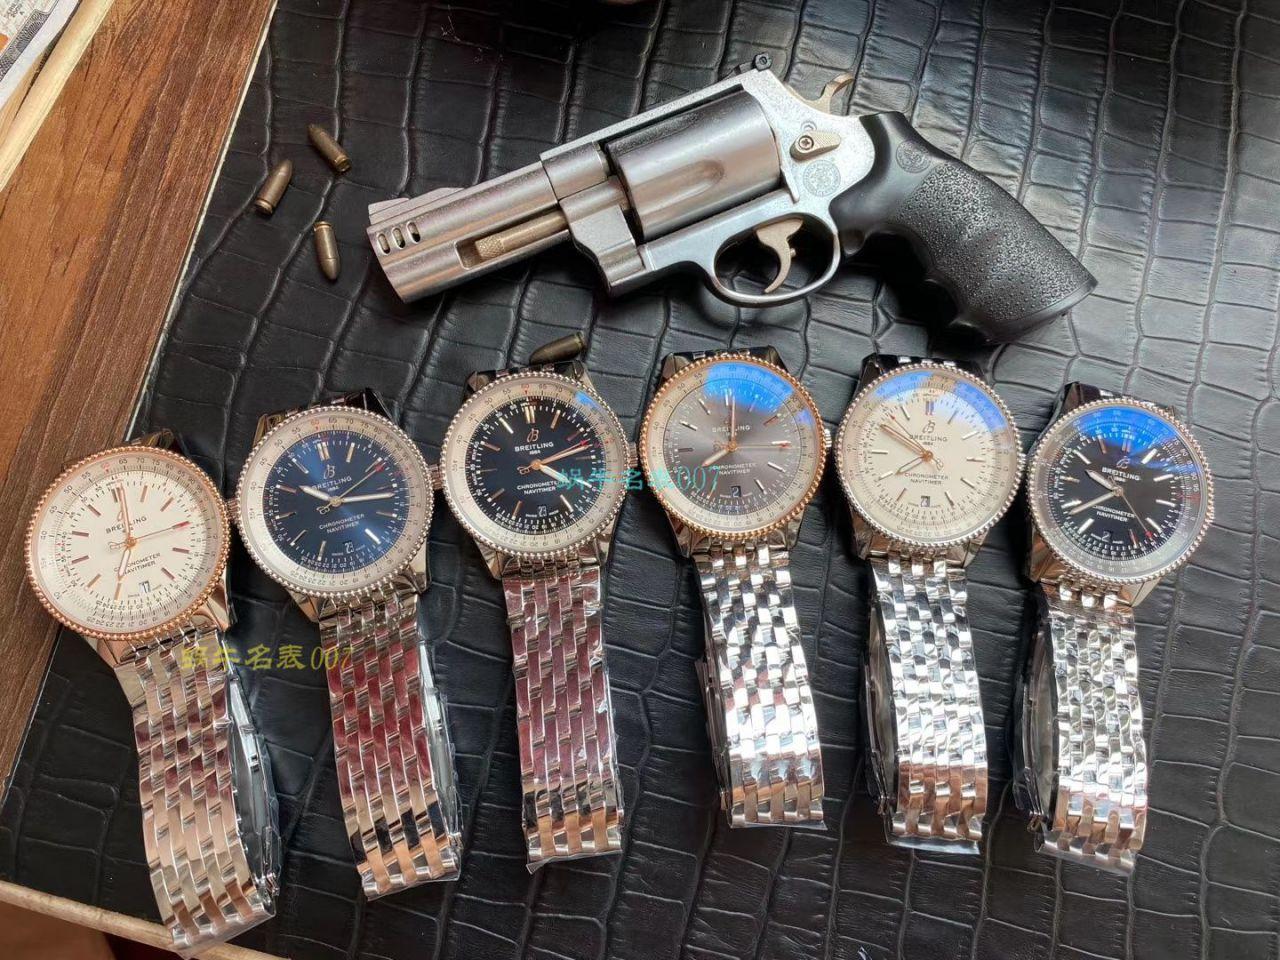 V7厂一比一精仿手表百年灵航空计时1系列U17326211M1A1腕表 / BL186